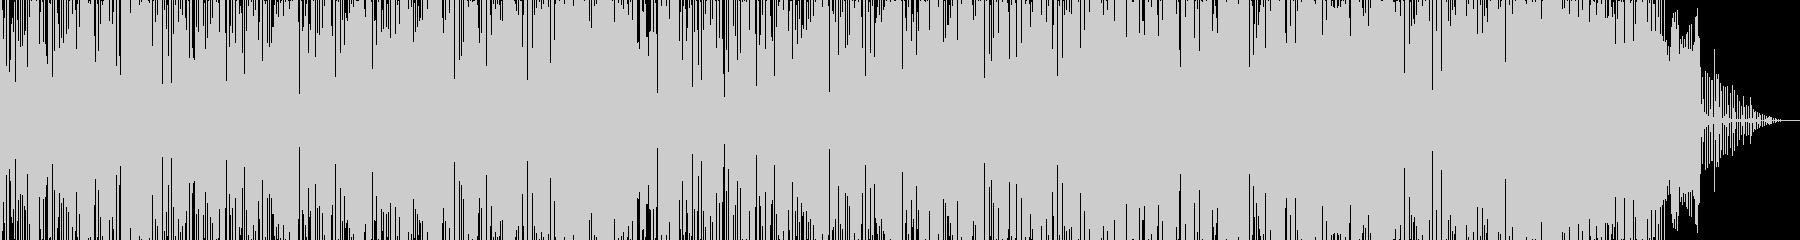 ヒップホップ風のダンスミュージック2の未再生の波形